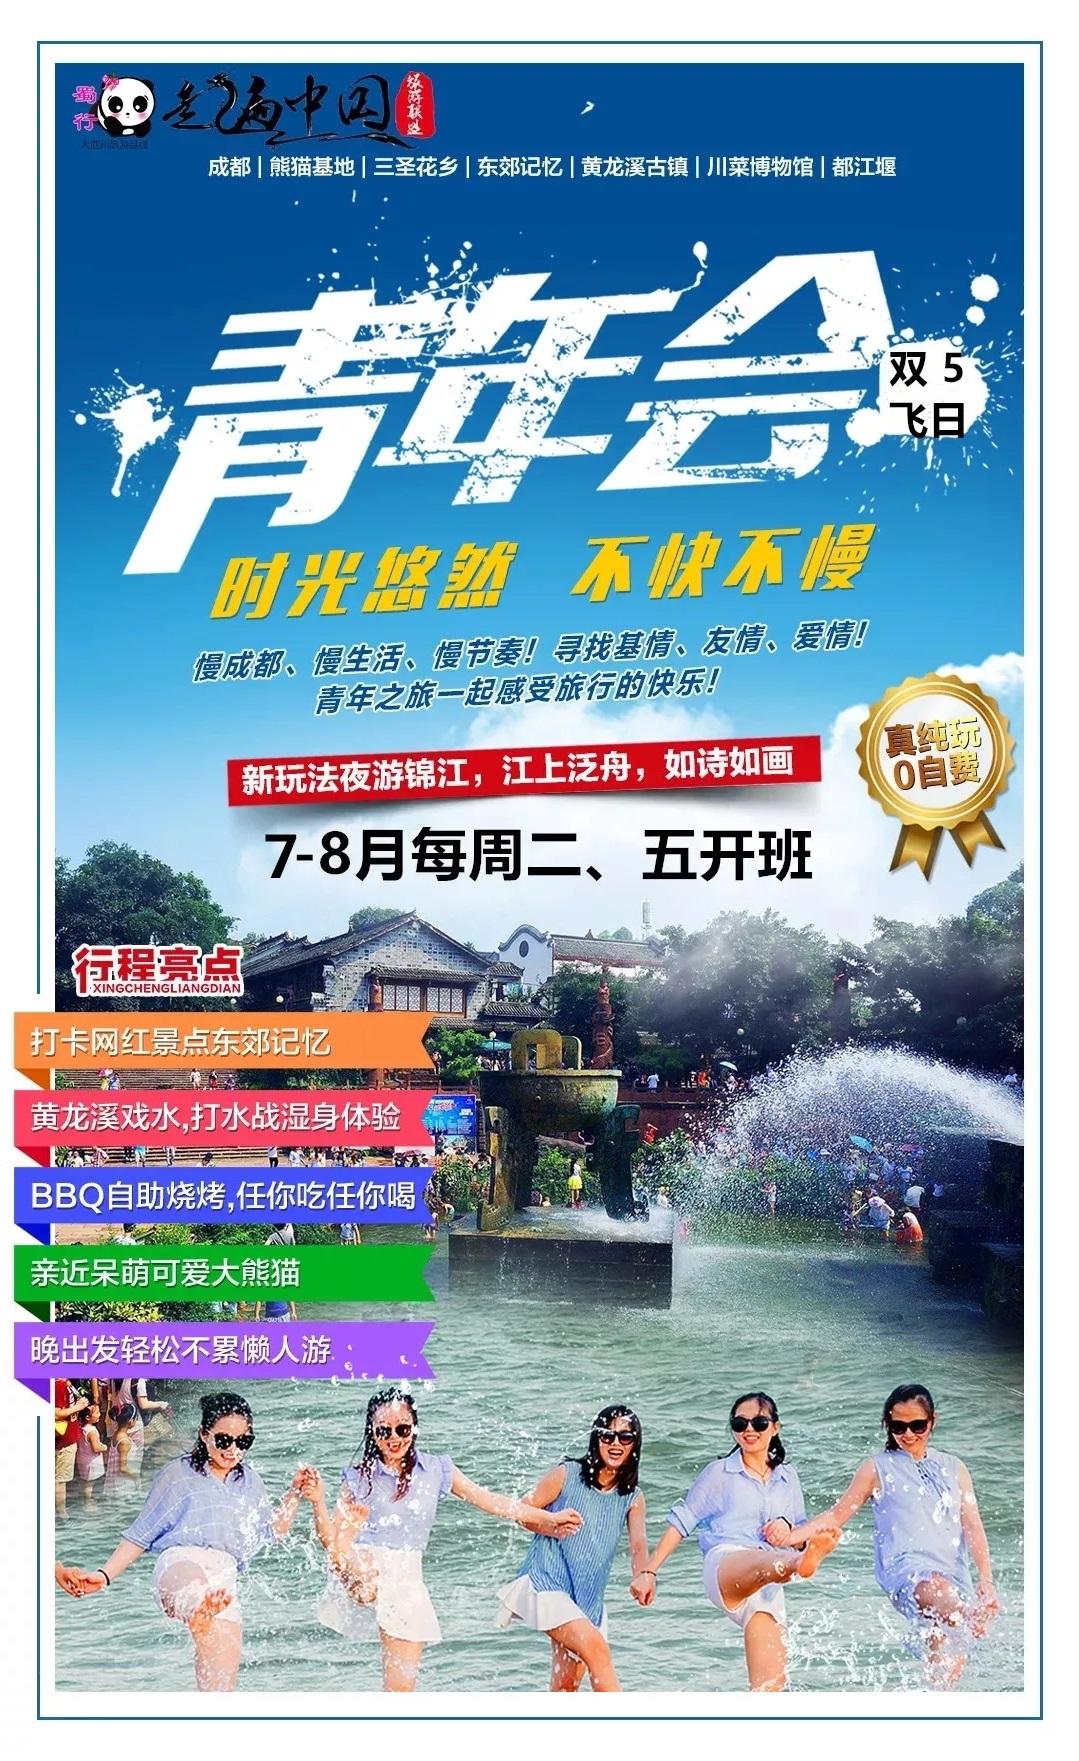 成都海报.webp.jpg